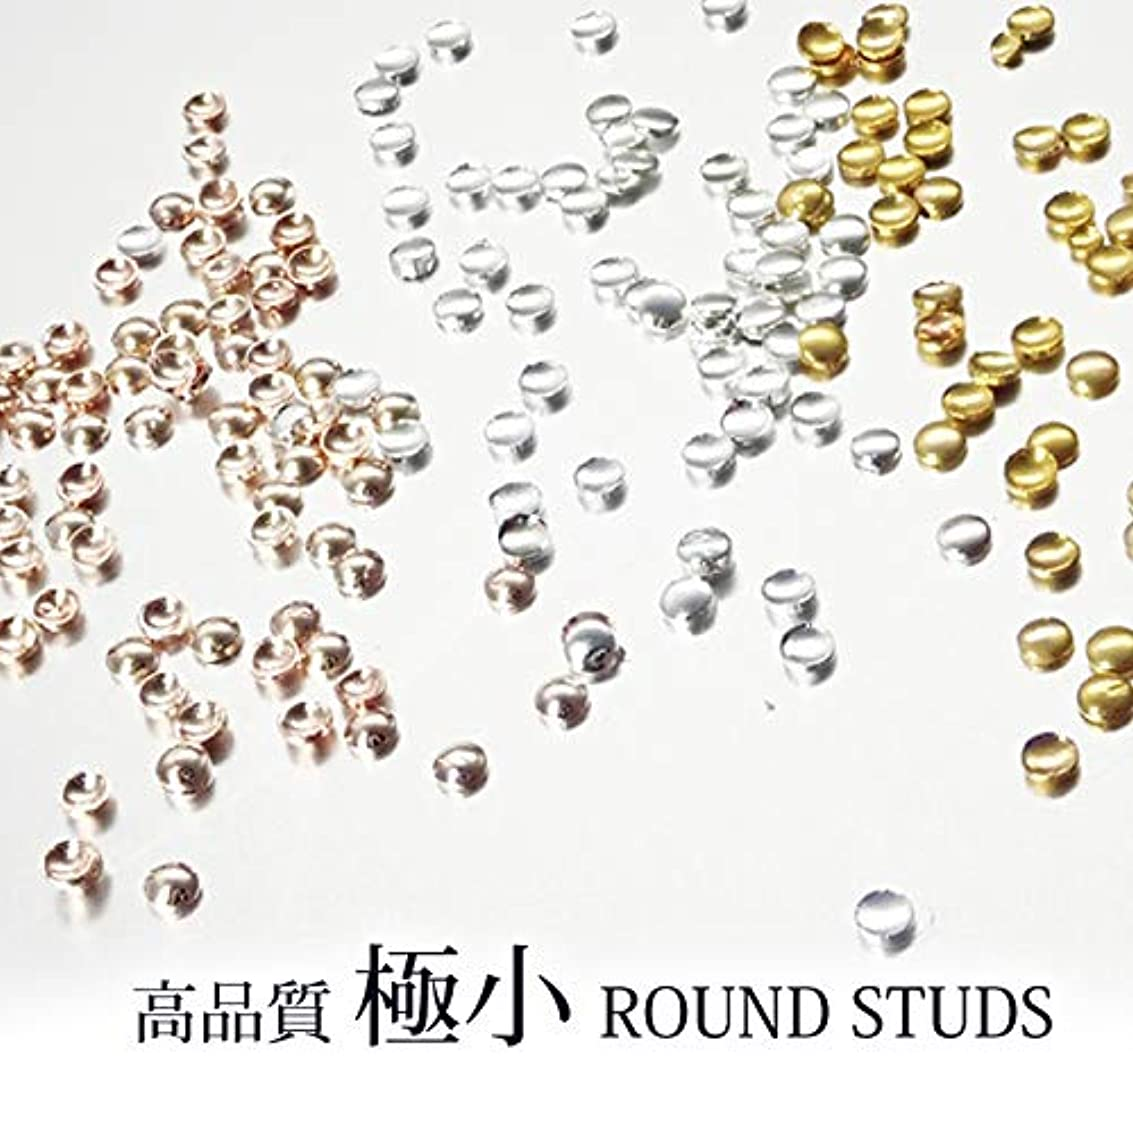 空中平和な後ろに丸スタッズ 0.8 mm 1mm 1.2mm 1.5mm 2mm 2.5mm 半円スタッズ ブリオン 極小 ネイル レジン ジェルネイルに (2mm(80粒), ゴールド)